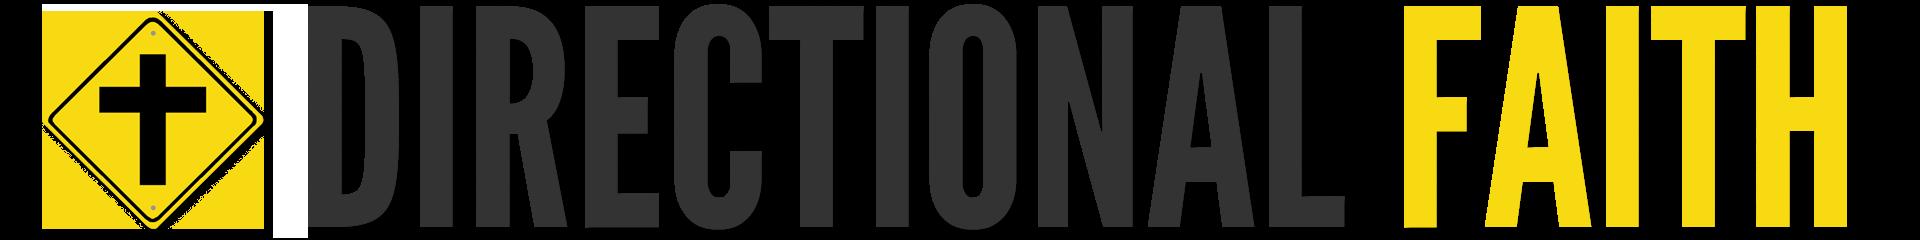 Directional Faith Logo